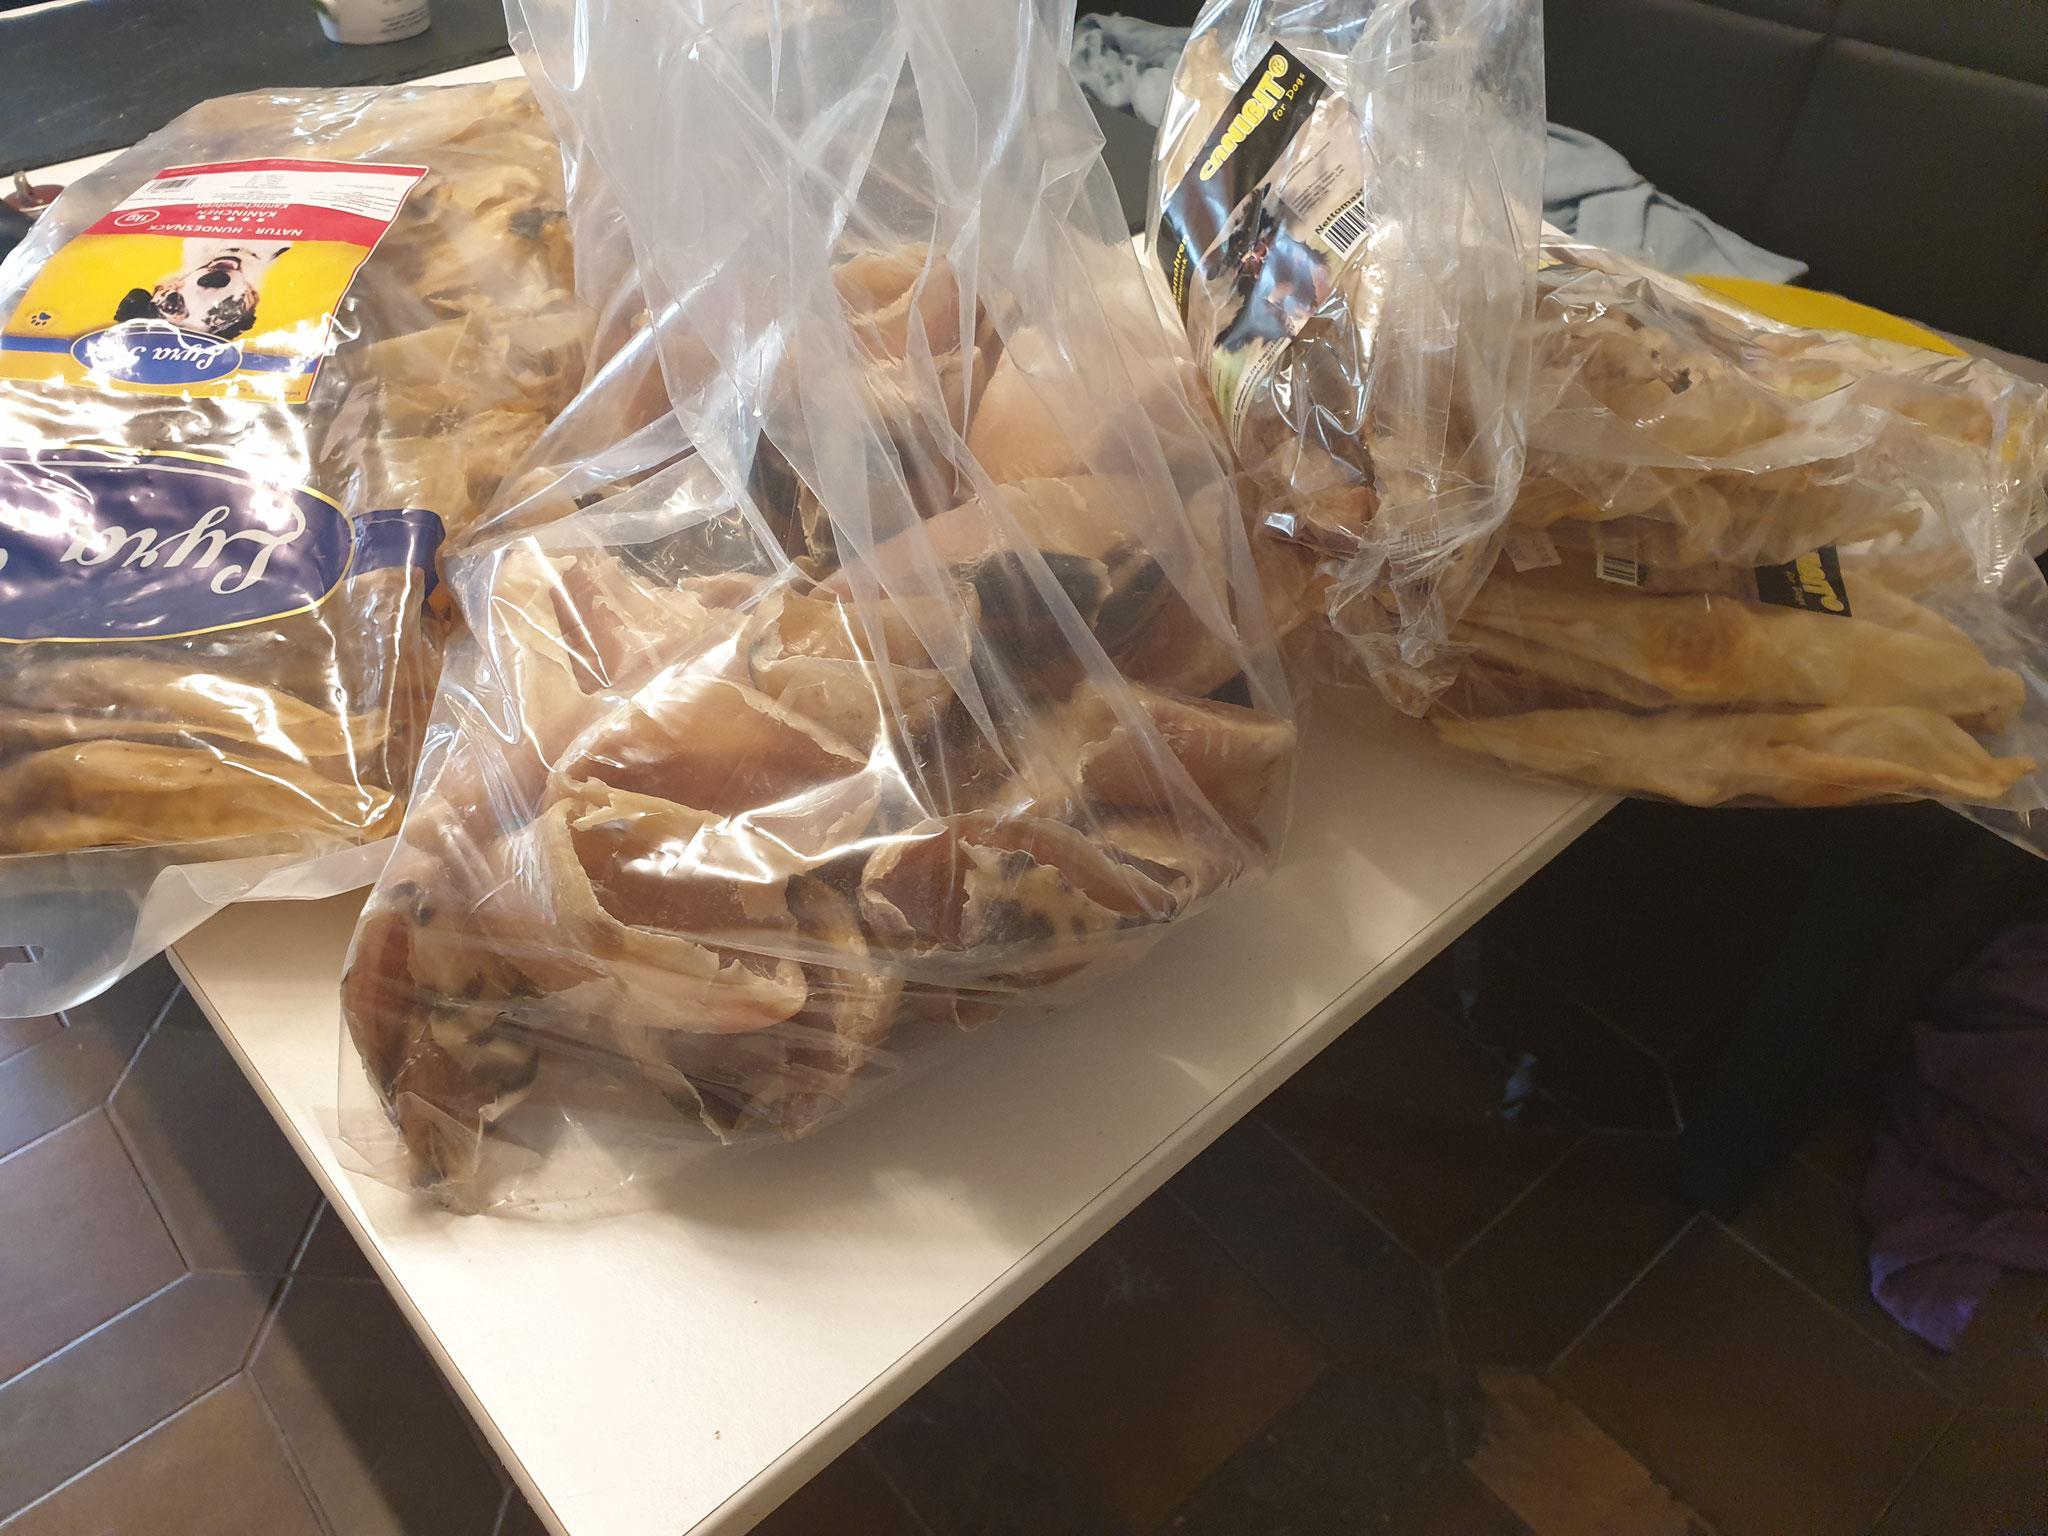 Neue Lieferung Leckerchen ist angekommen, Kalbshufe, Kaninchenohren und Büffelsehnen. Nur das Beste für die Süßen.